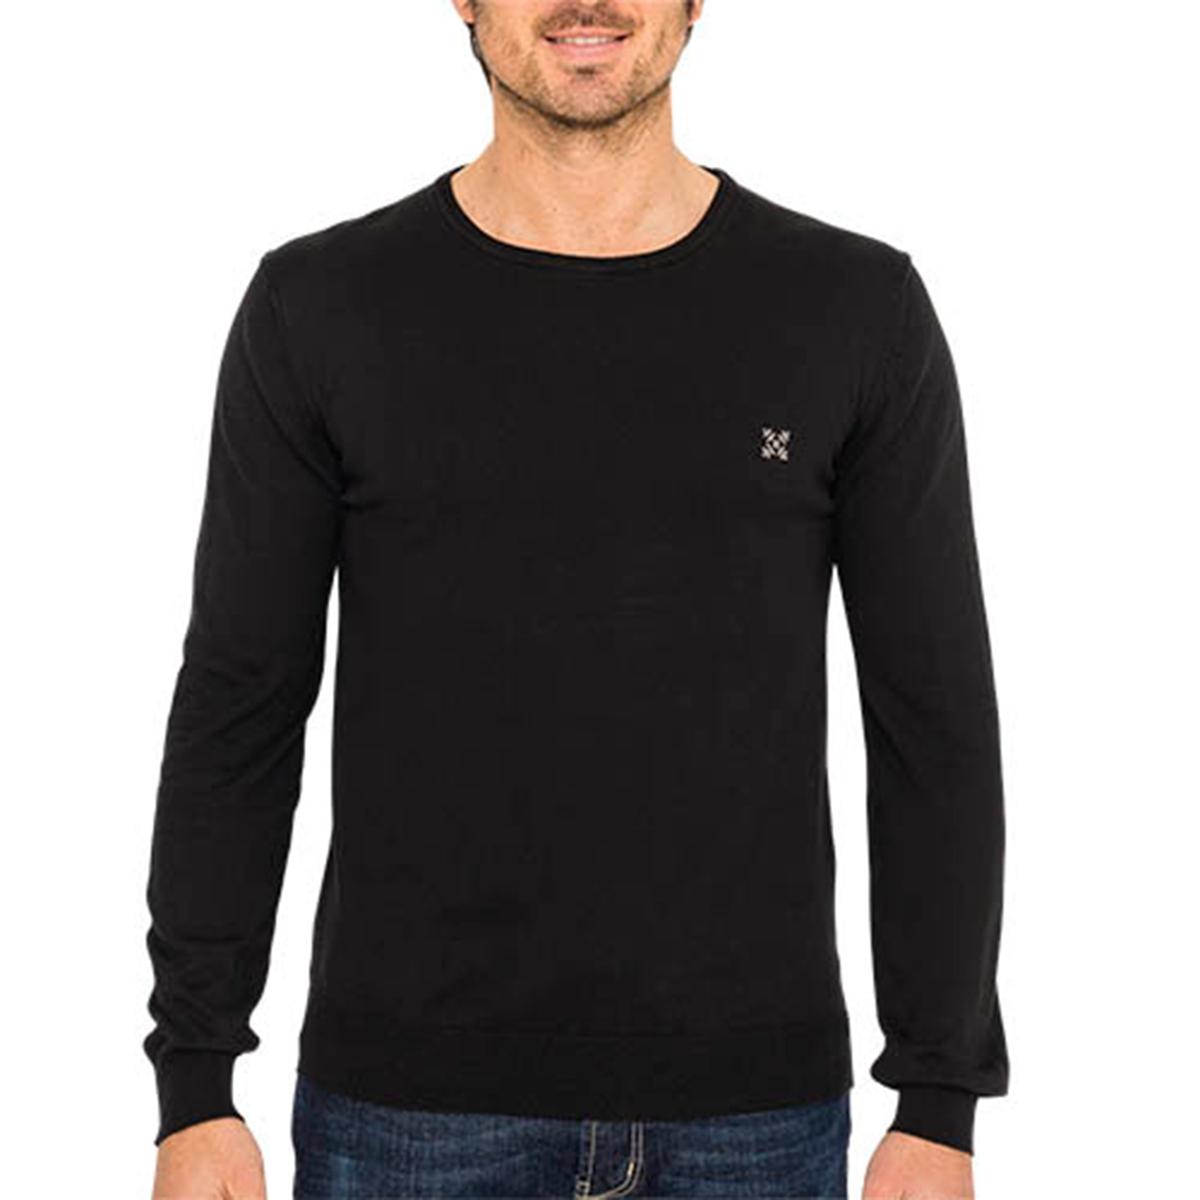 Пуловер с круглым вырезом, из тонкого трикотажаОписание:Детали •  Длинные рукава •  Круглый вырез •  Тонкий трикотаж Состав и уход •  100% хлопок •  Следуйте советам по уходу, указанным на этикетке<br><br>Цвет: черный<br>Размер: XL